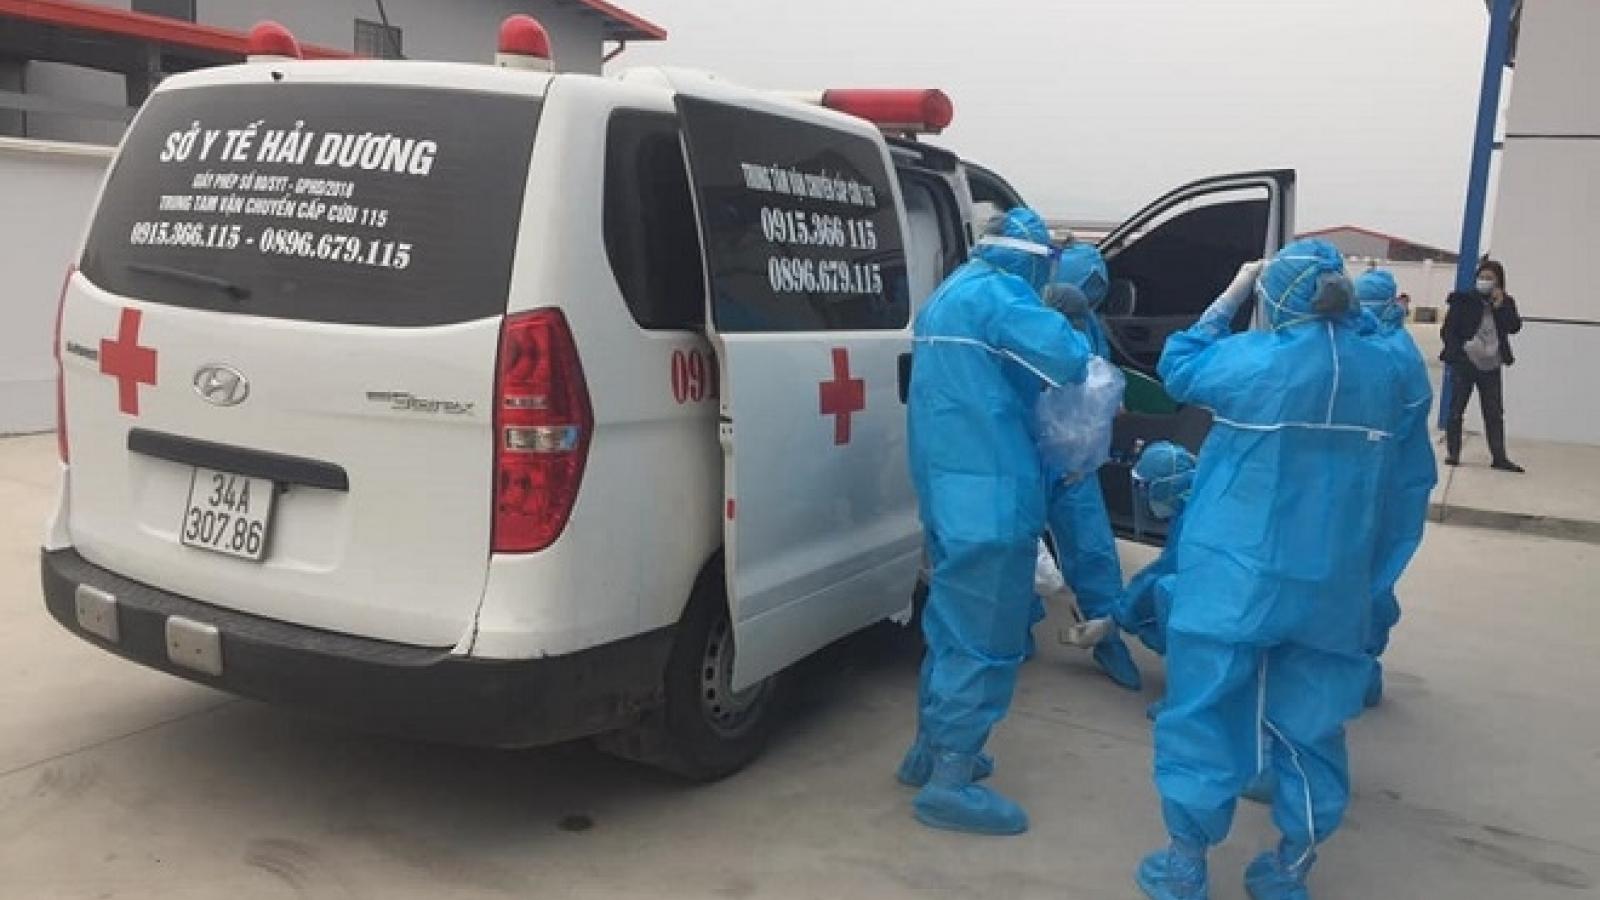 Chuyên gia Hàn Quốc tử vong tại Công ty PNG (Hải Dương)